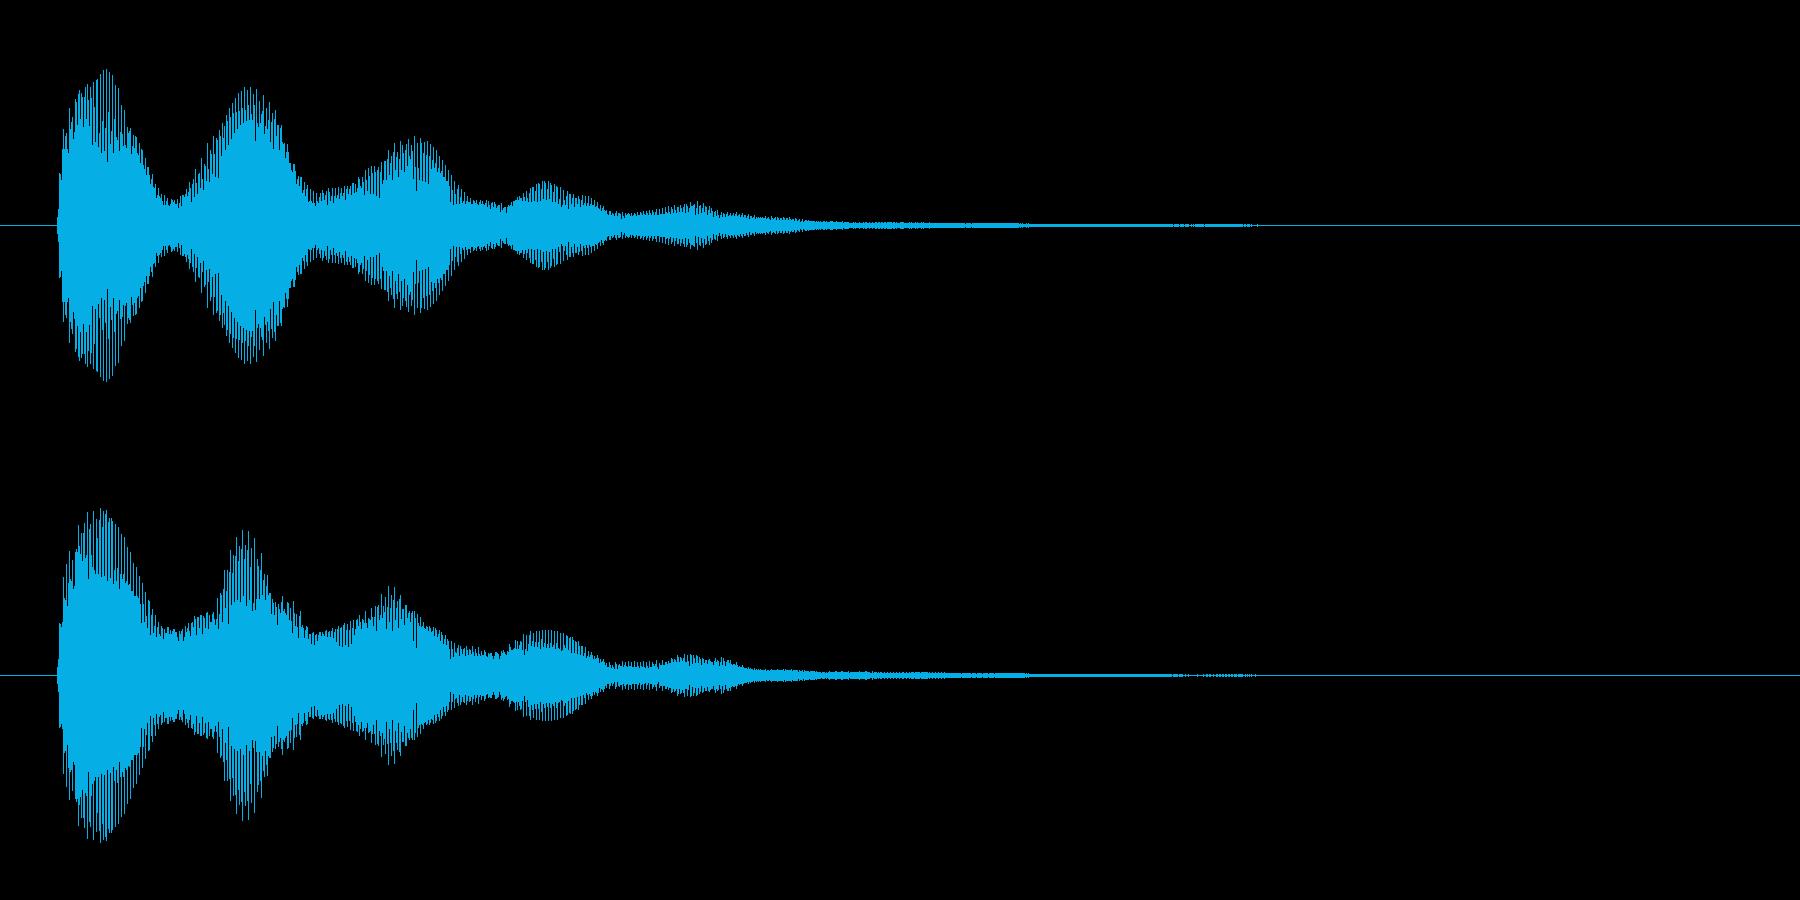 アプリ・ゲームの決定音_007の再生済みの波形